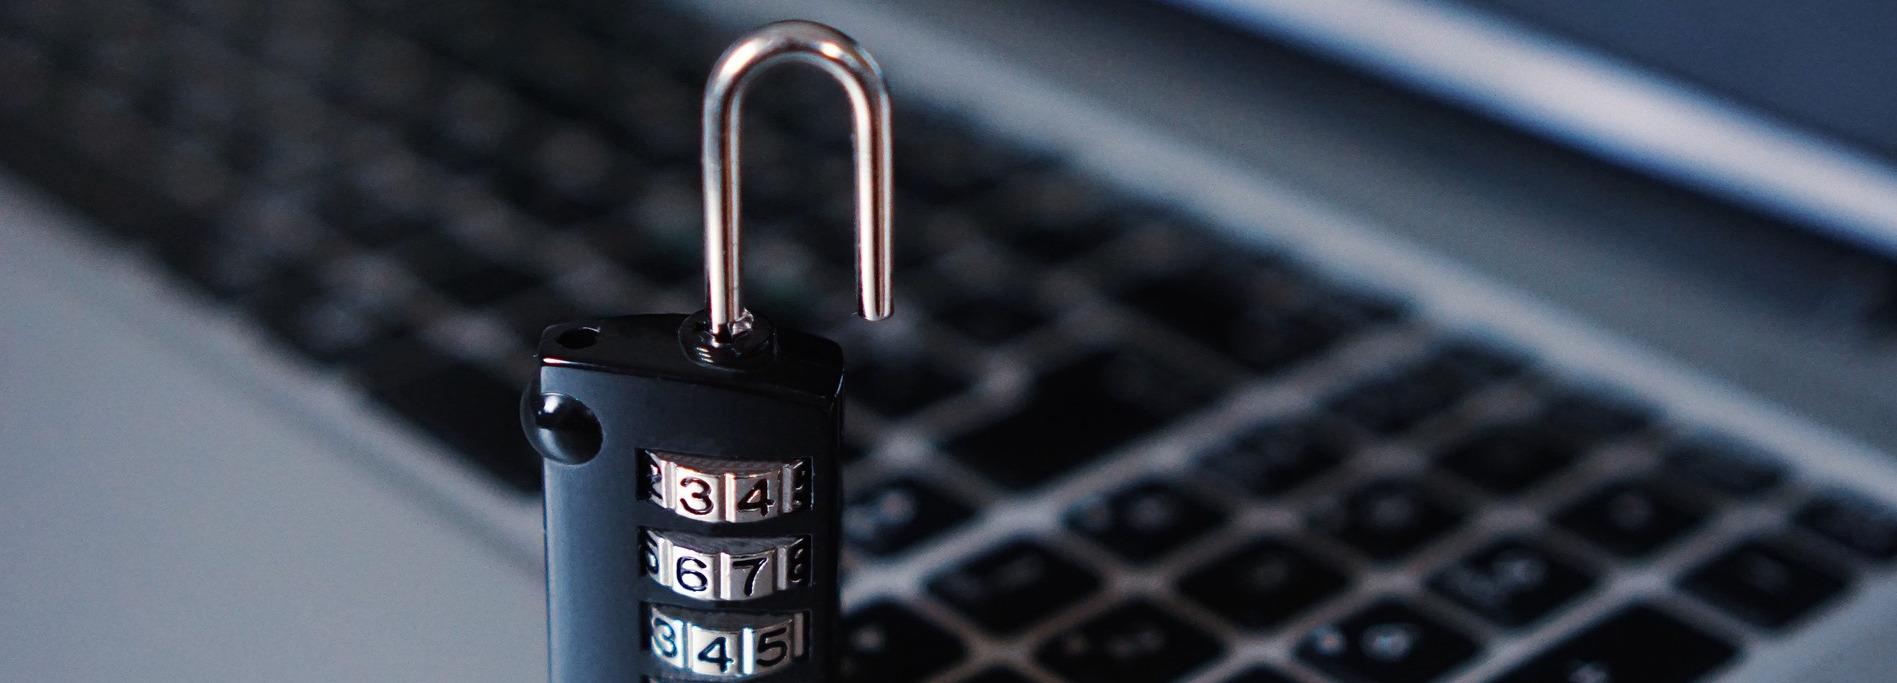 Cybersécurité : Vers une protection européenne renforcée